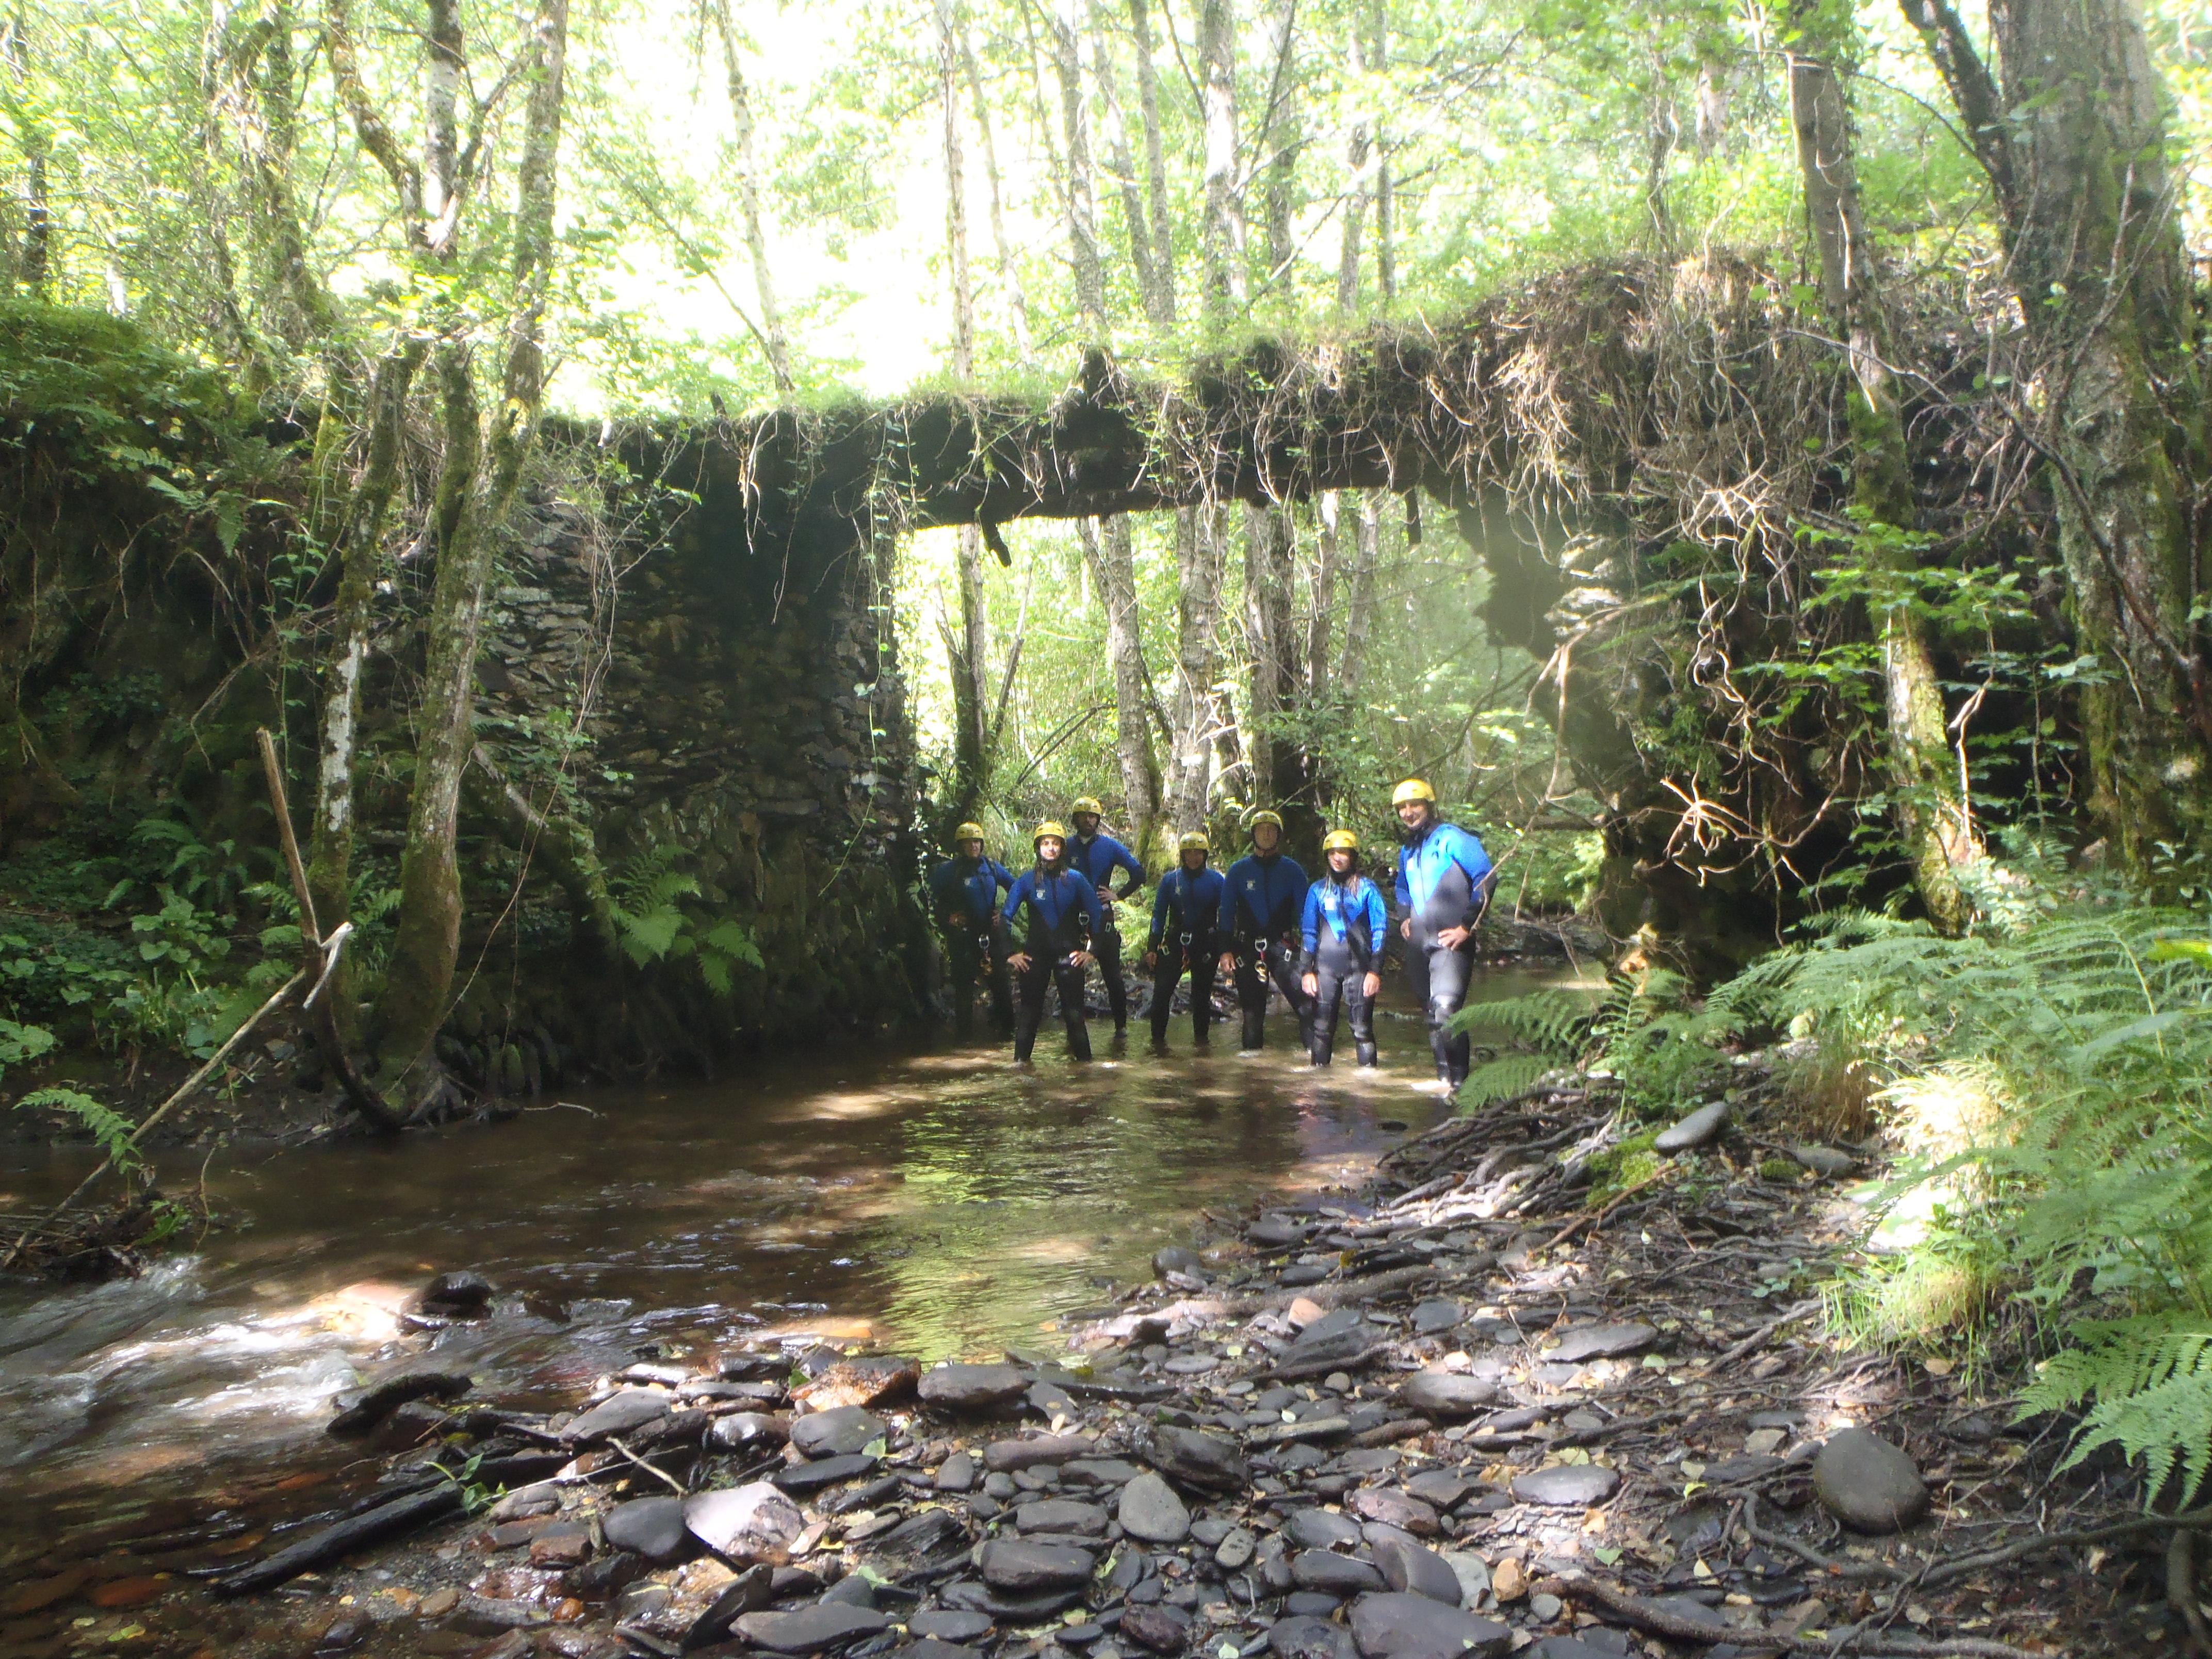 Vive una aventura en Galicia y descubre los mejores rincones de la tierra de los mil ríos